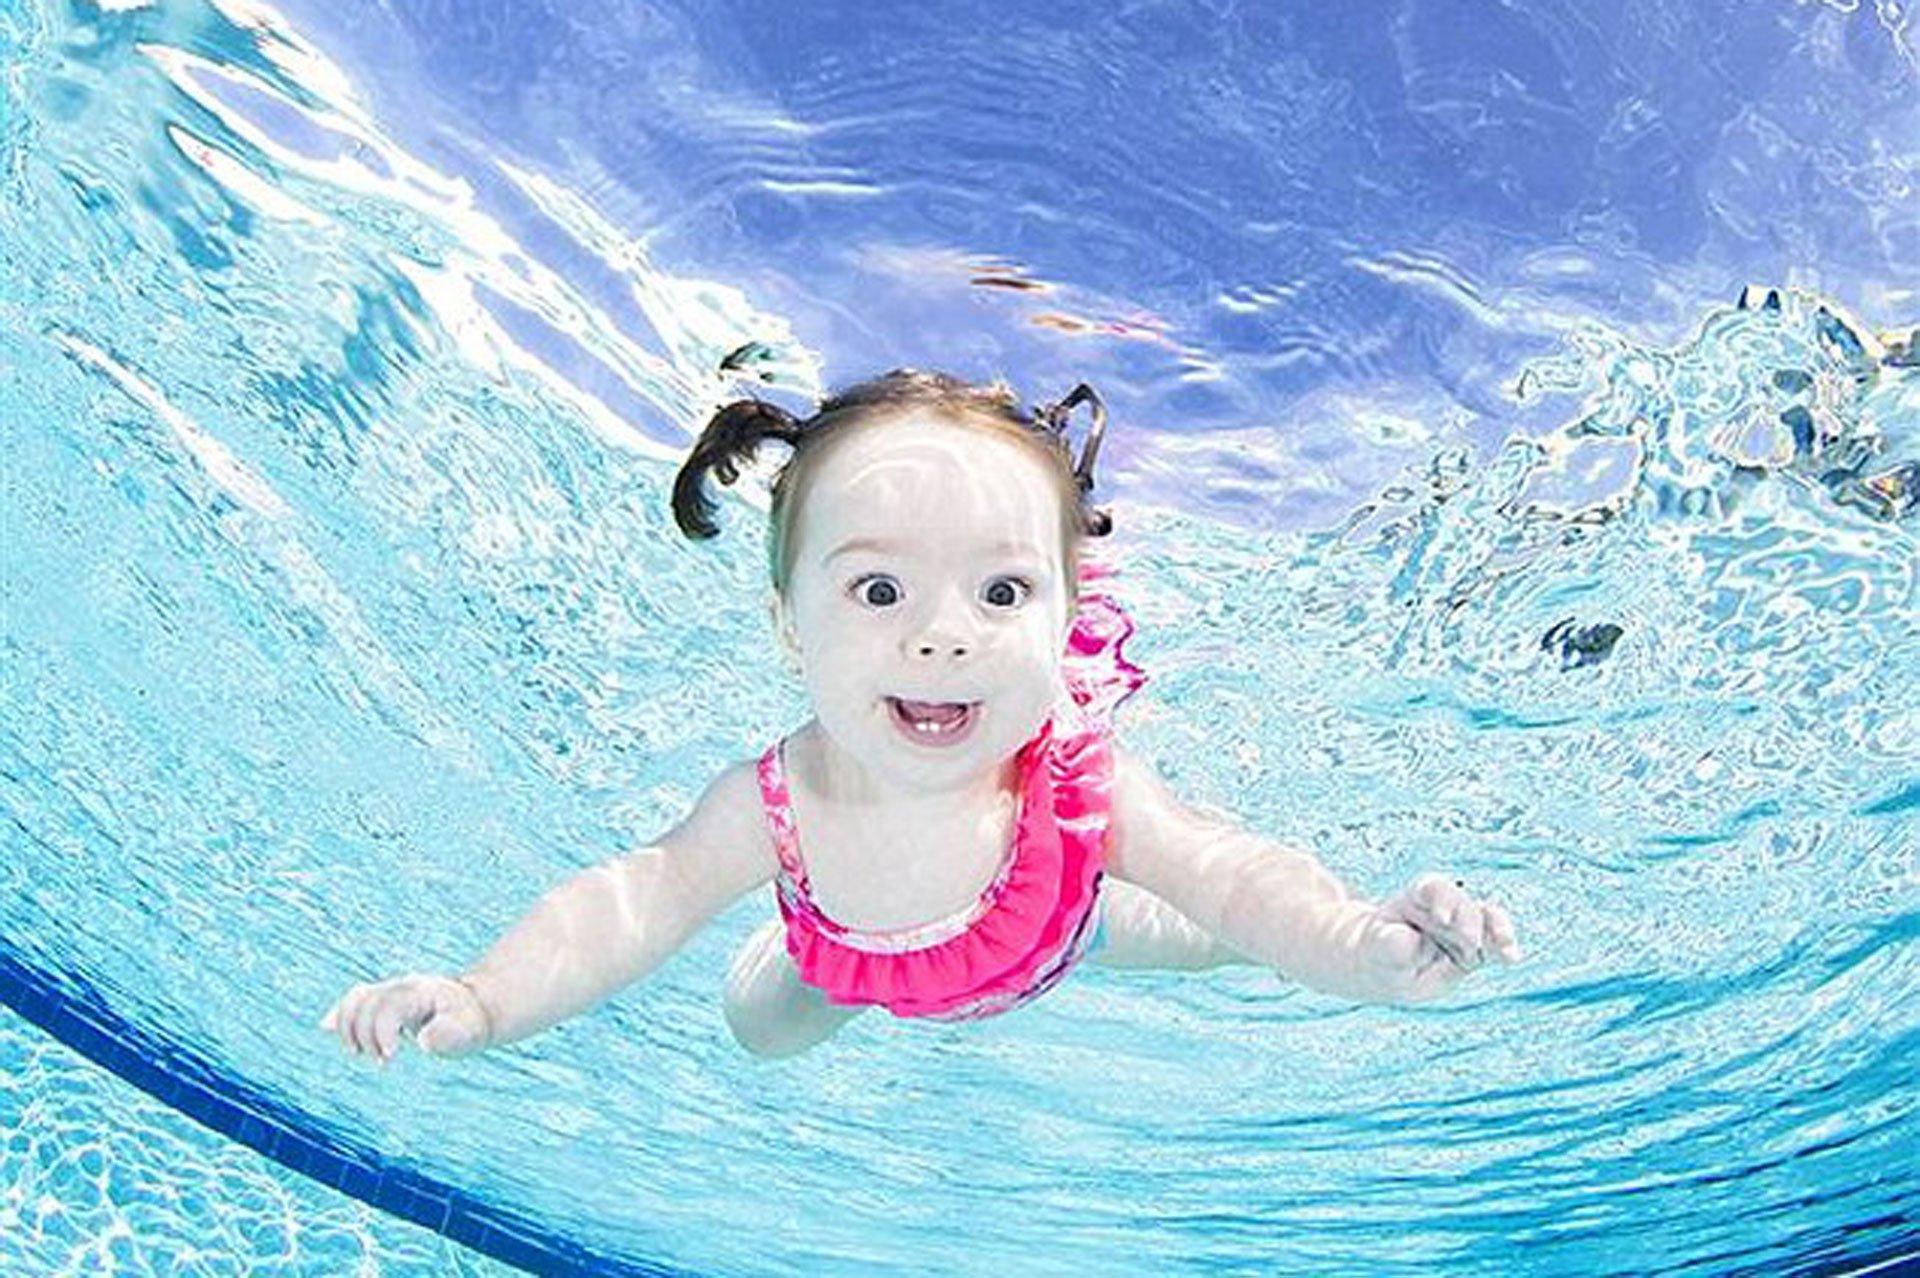 Chistosas fotos de beb s bajo el agua for Piscinas bebes